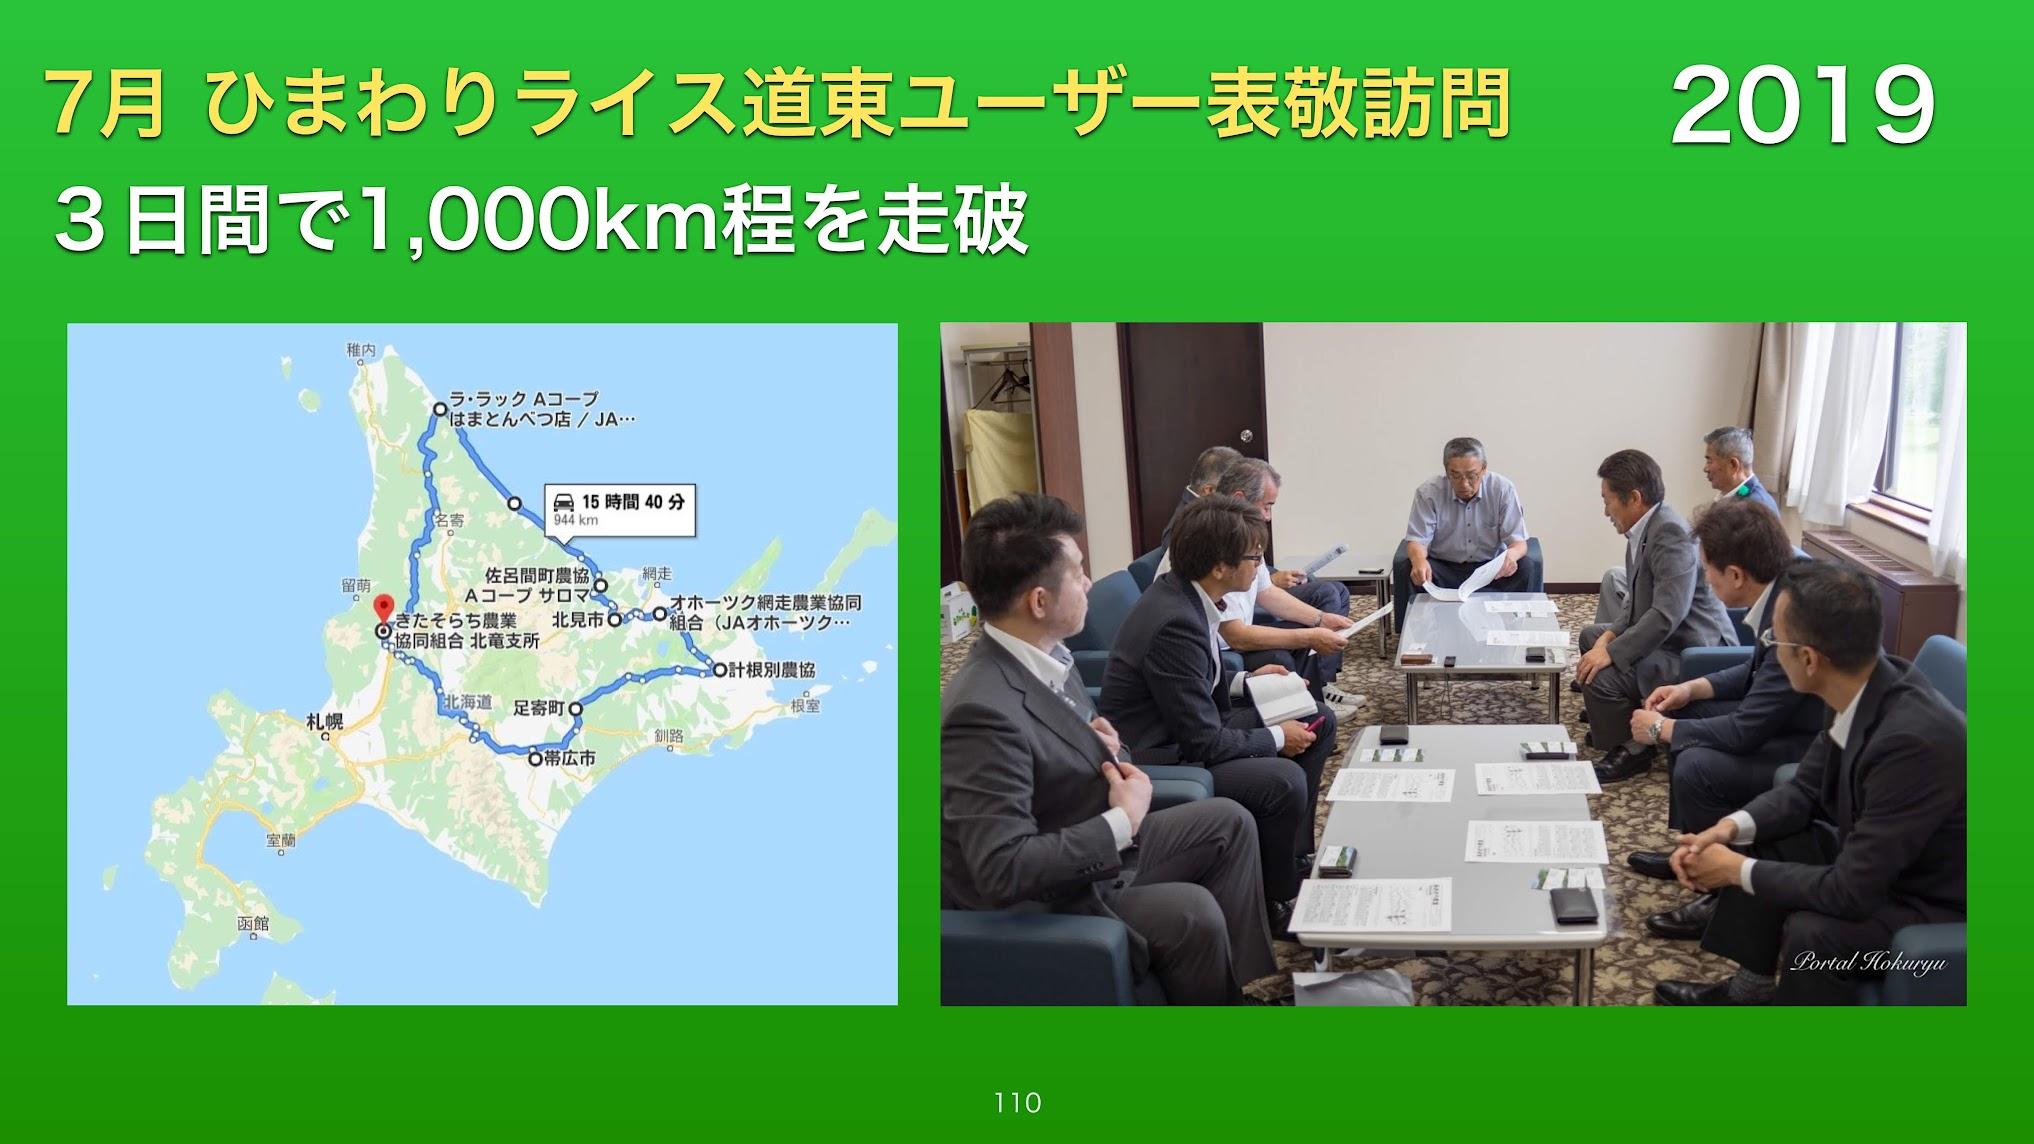 7月:3日間で道東1,000kmを走り、ひまわりライスユーザーへの表敬訪問